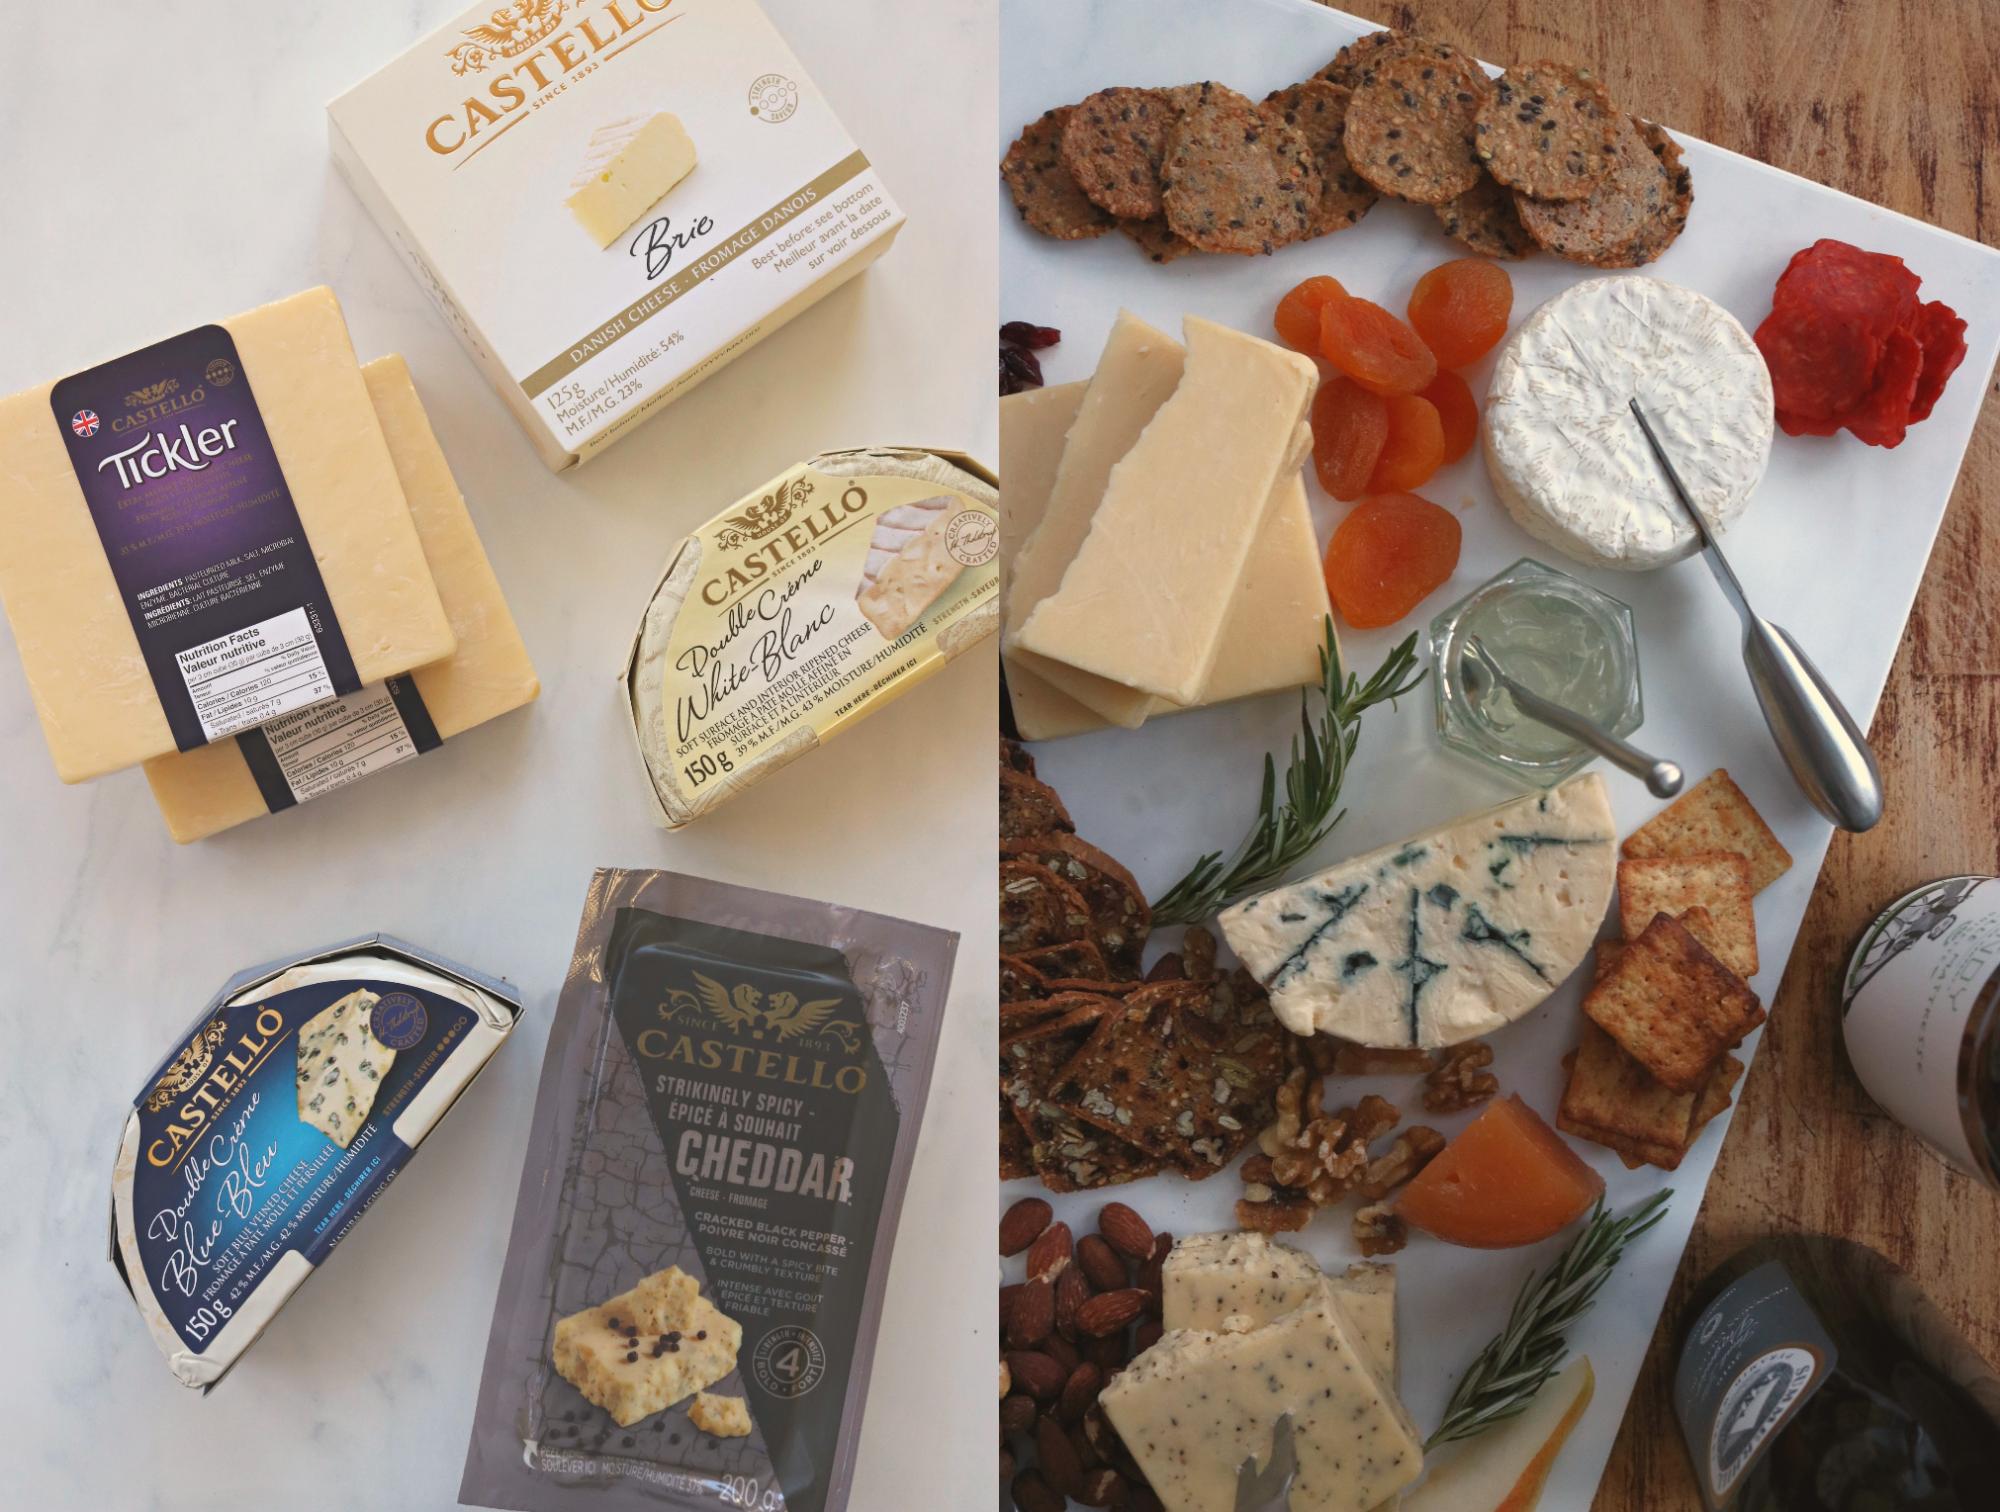 Castello Cheese board 6